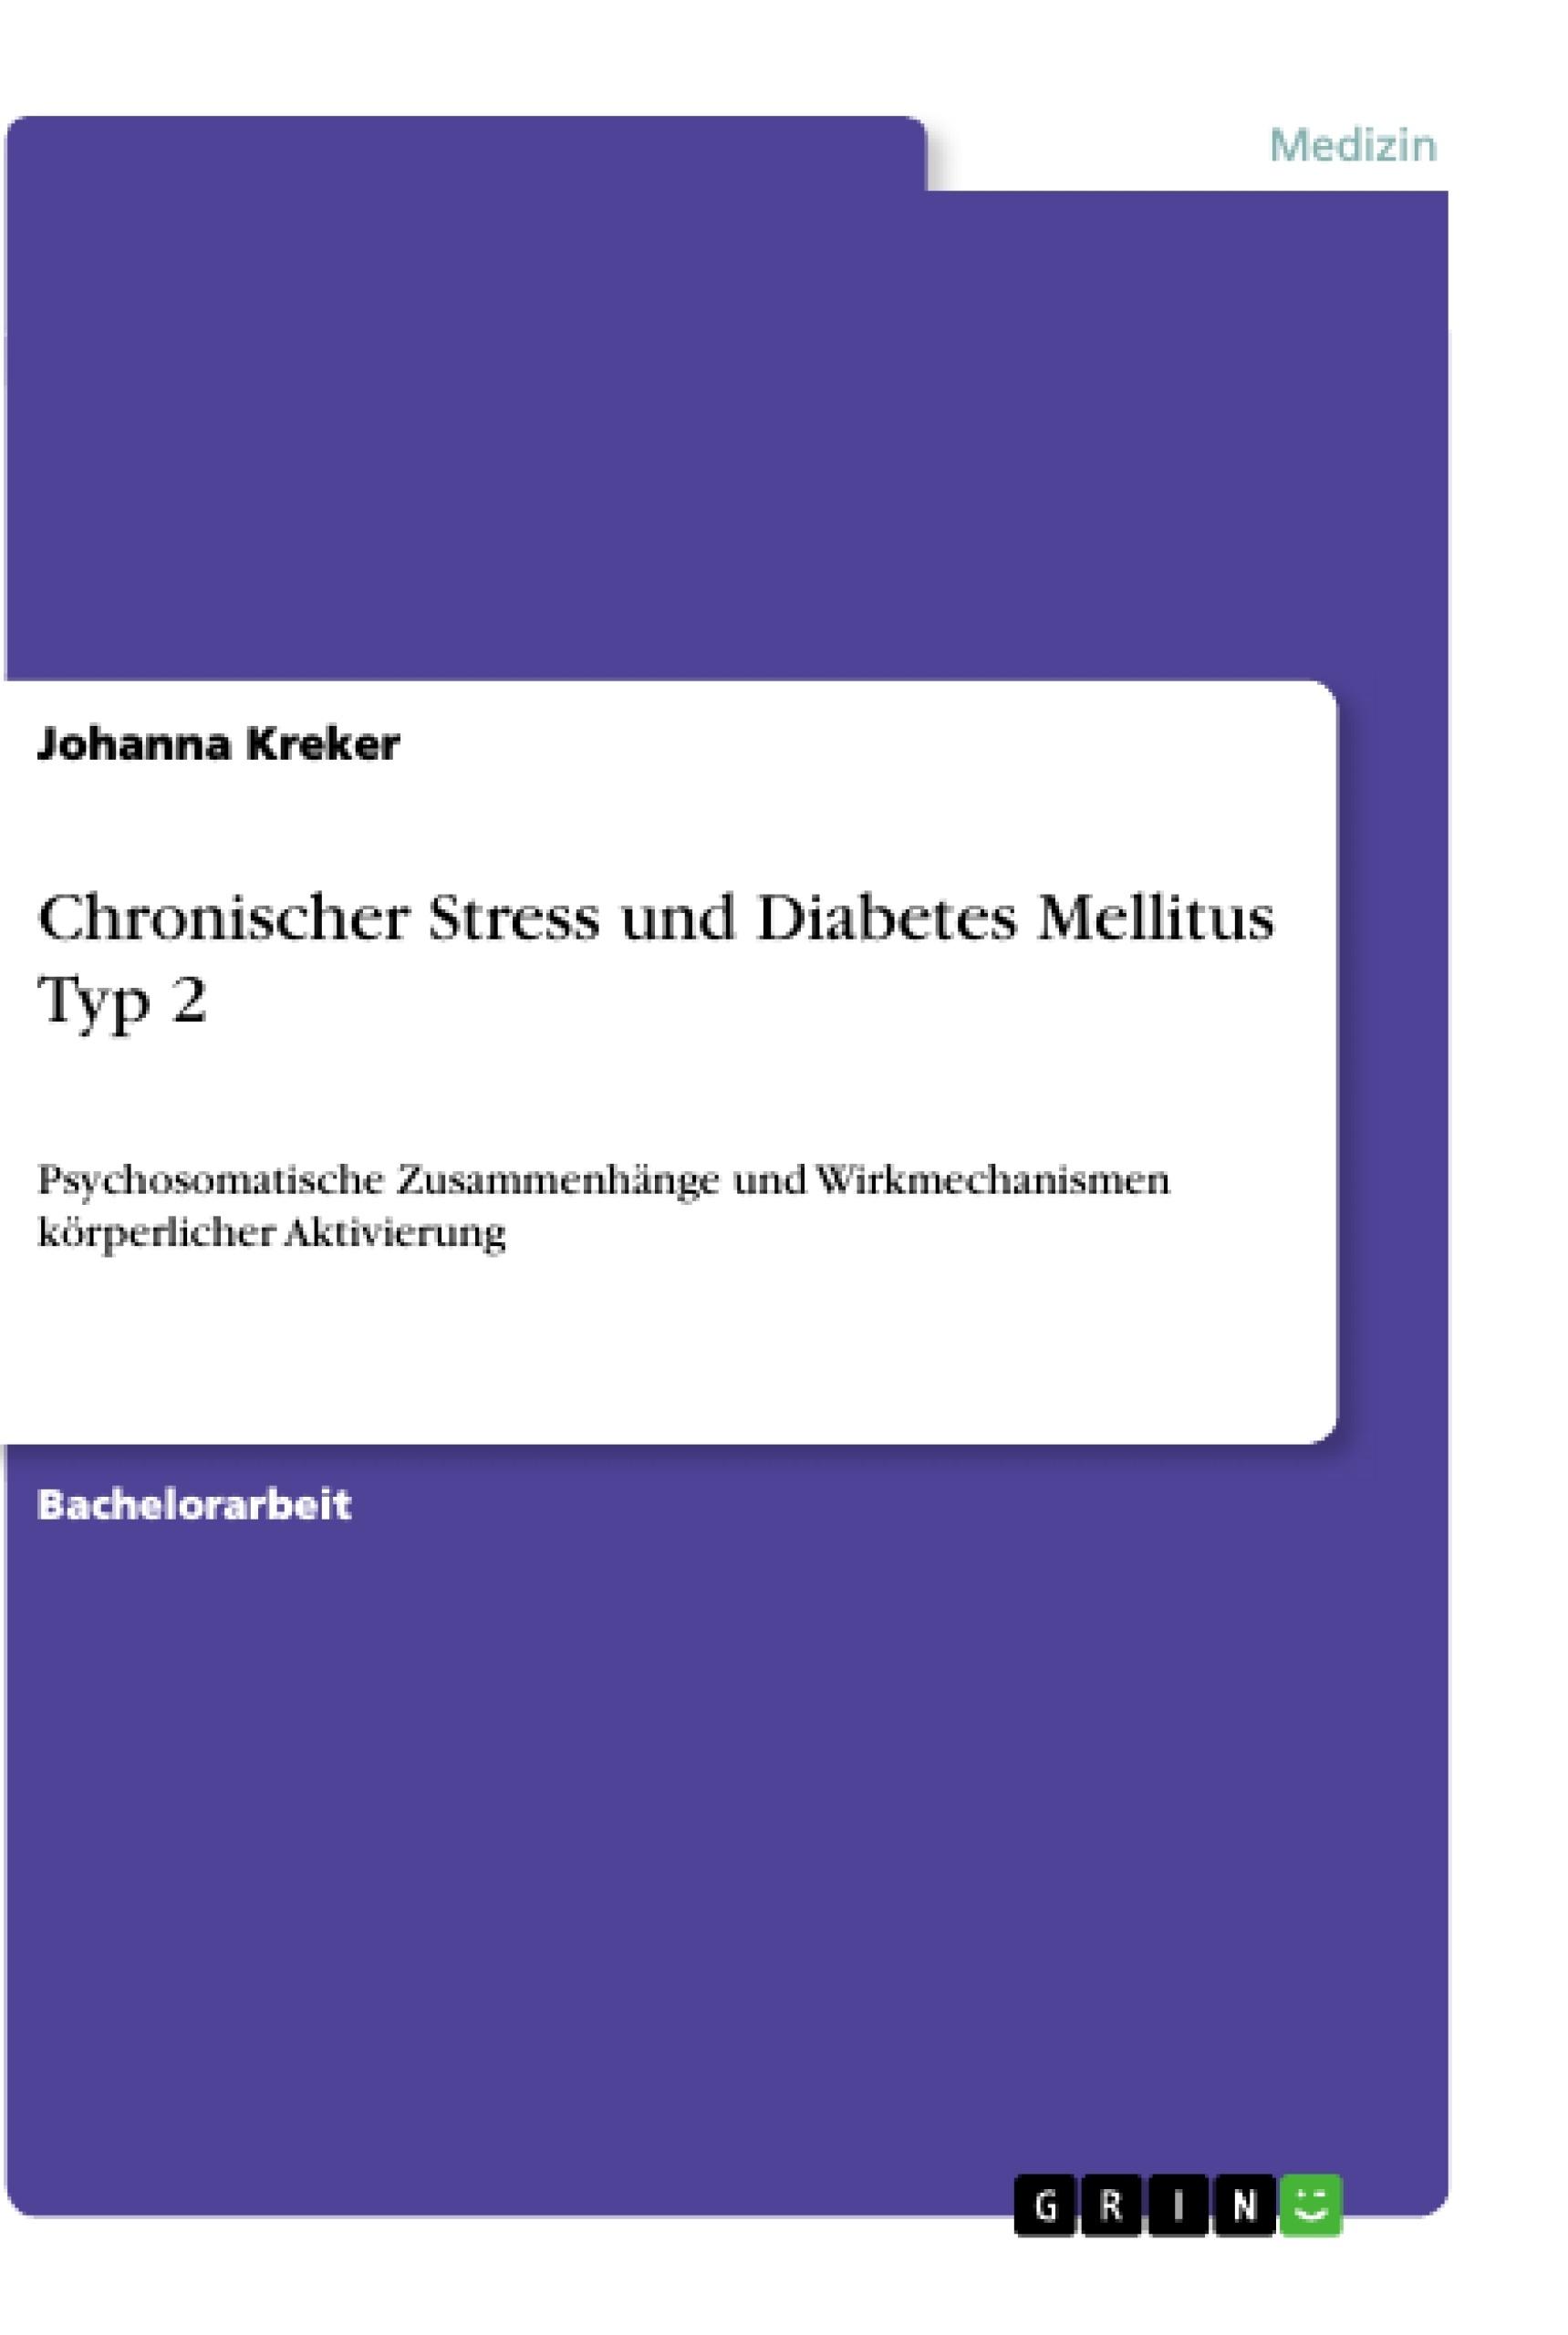 Titel: Chronischer Stress und Diabetes Mellitus Typ 2